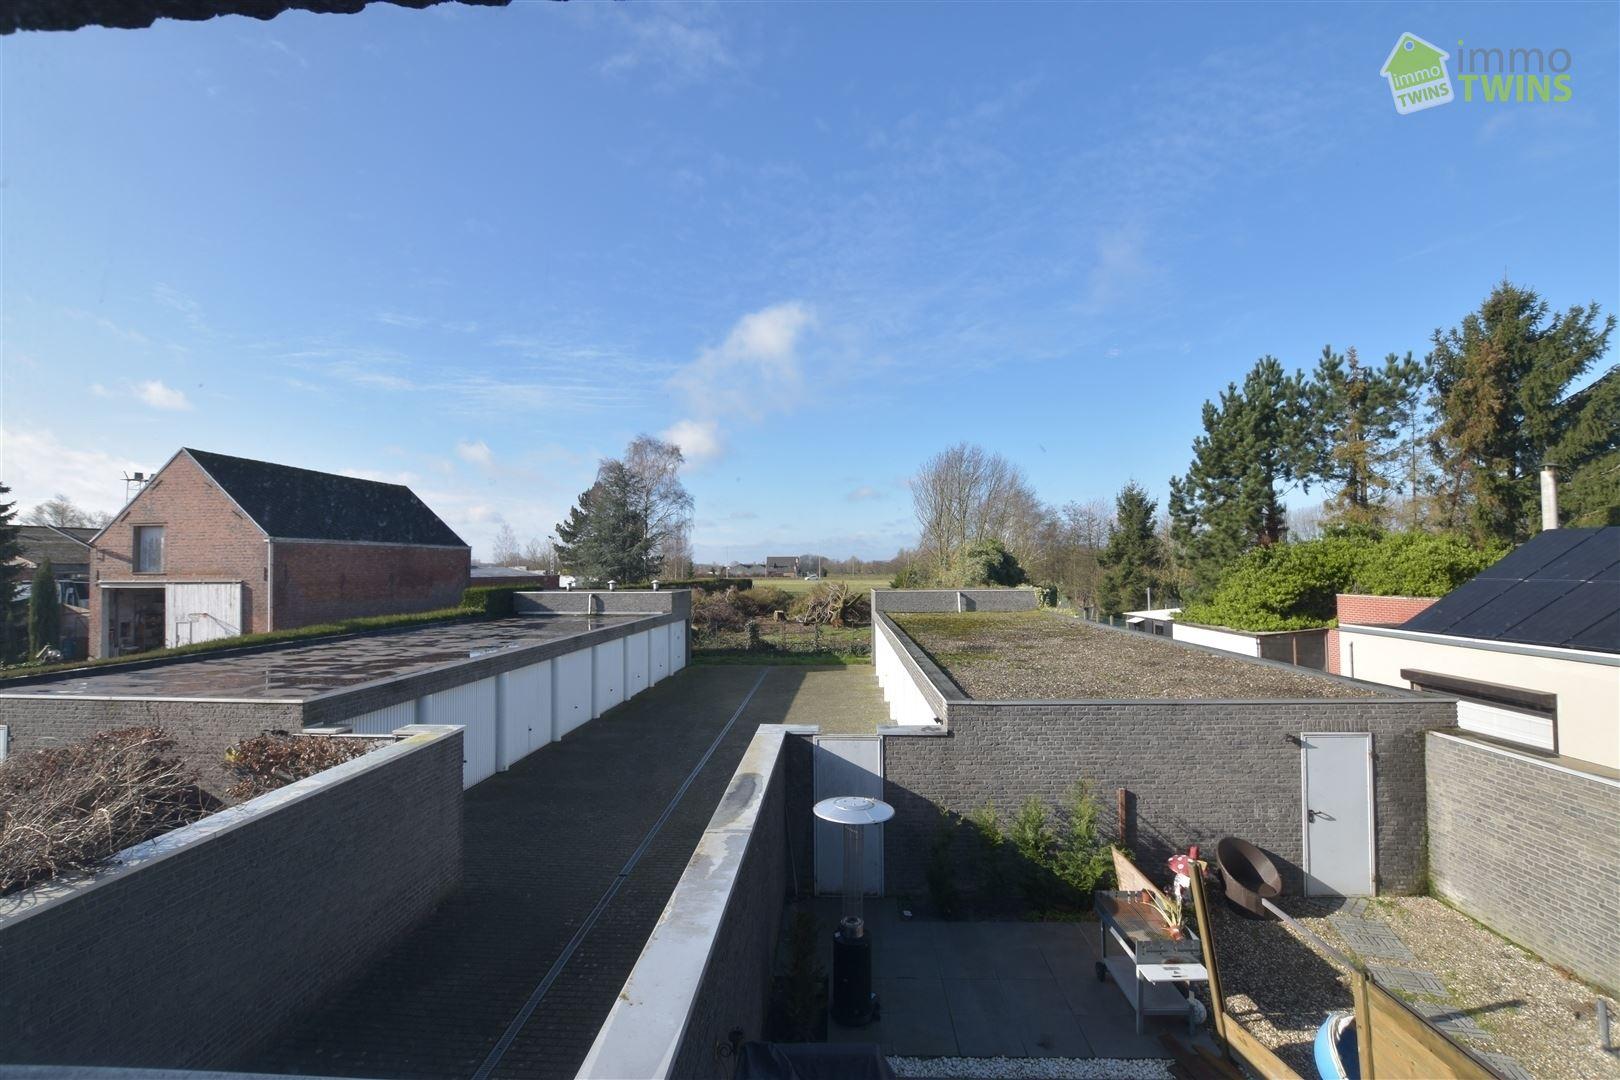 Foto 18 : Duplex/triplex te 9280 LEBBEKE (België) - Prijs € 257.000